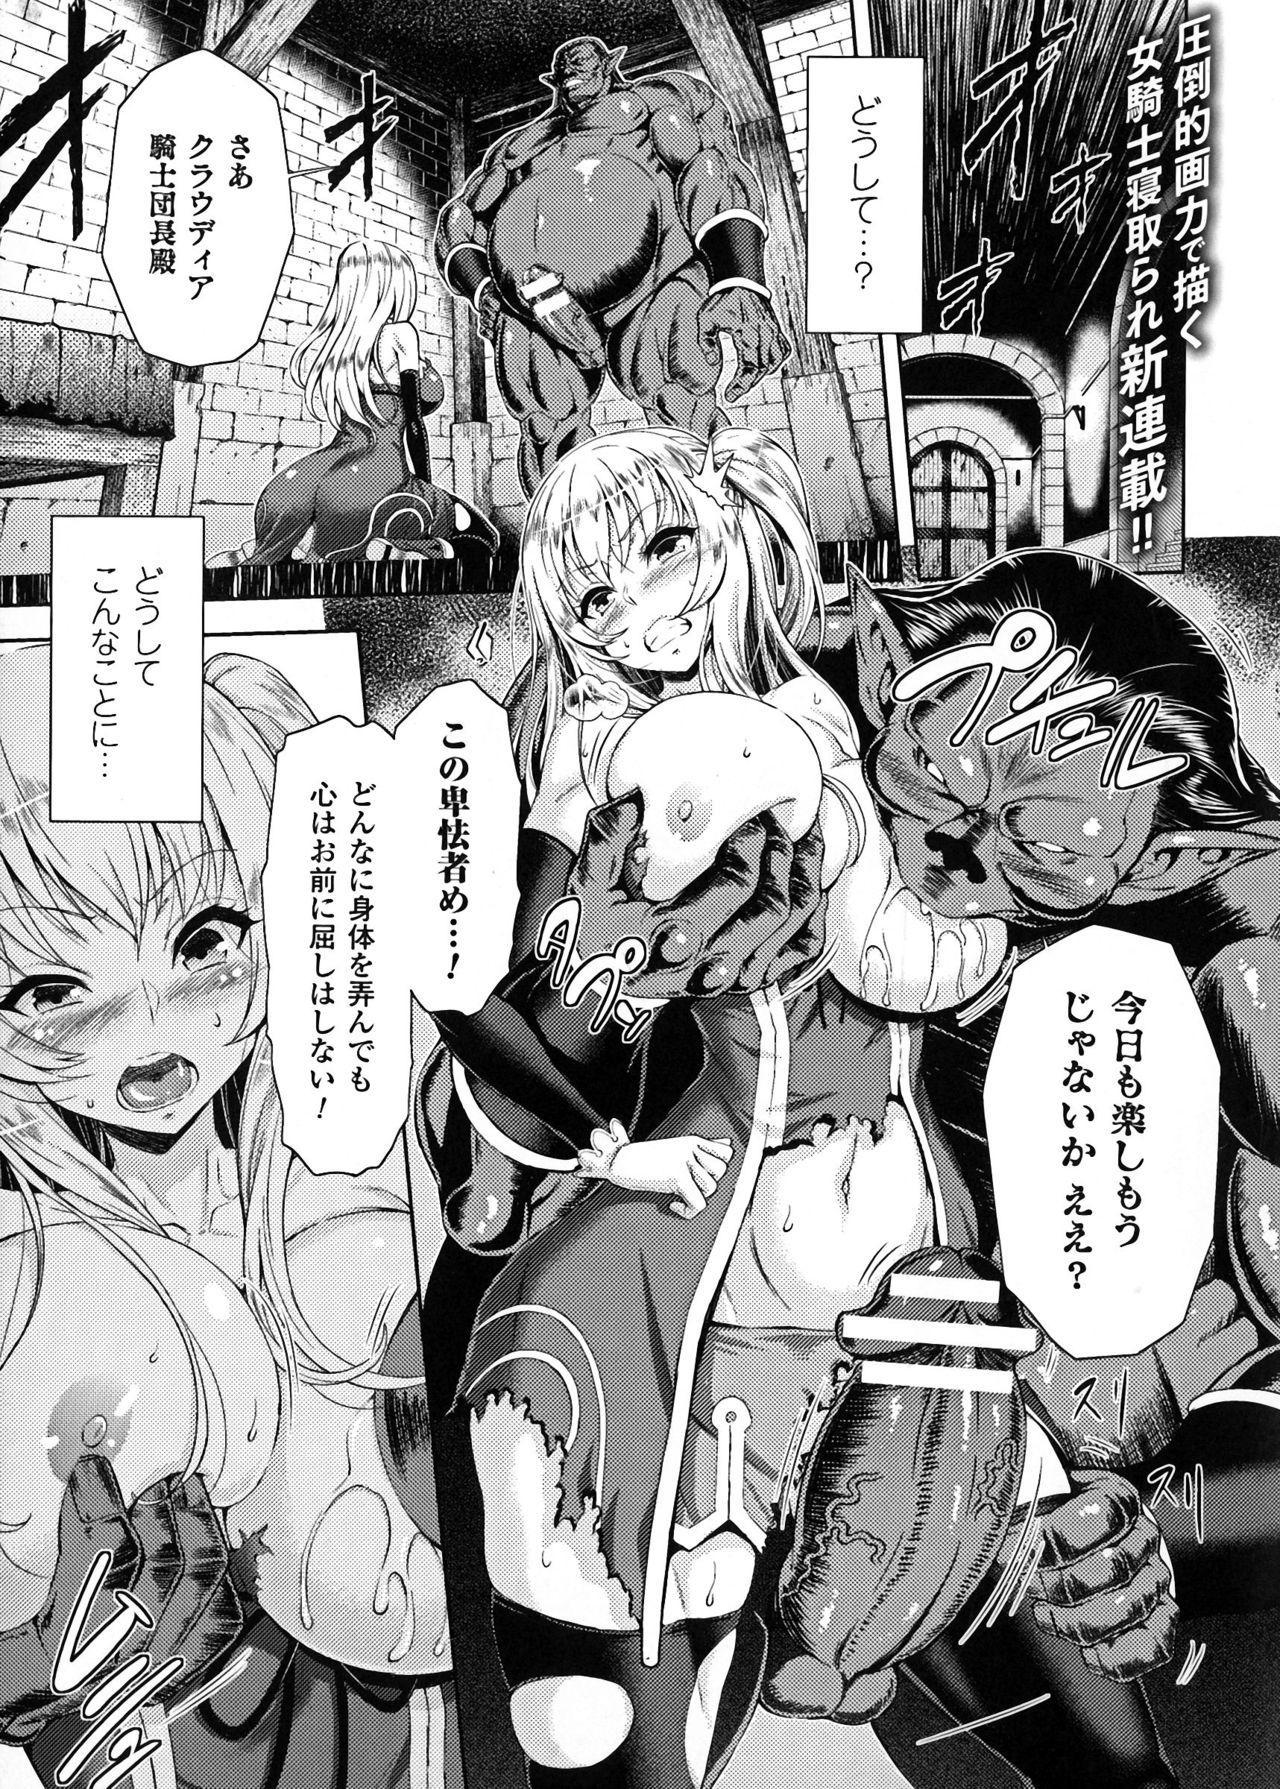 ERONA Orc no Inmon ni Okasareta Onna Kishi no Matsuro Ch. 1-6 0